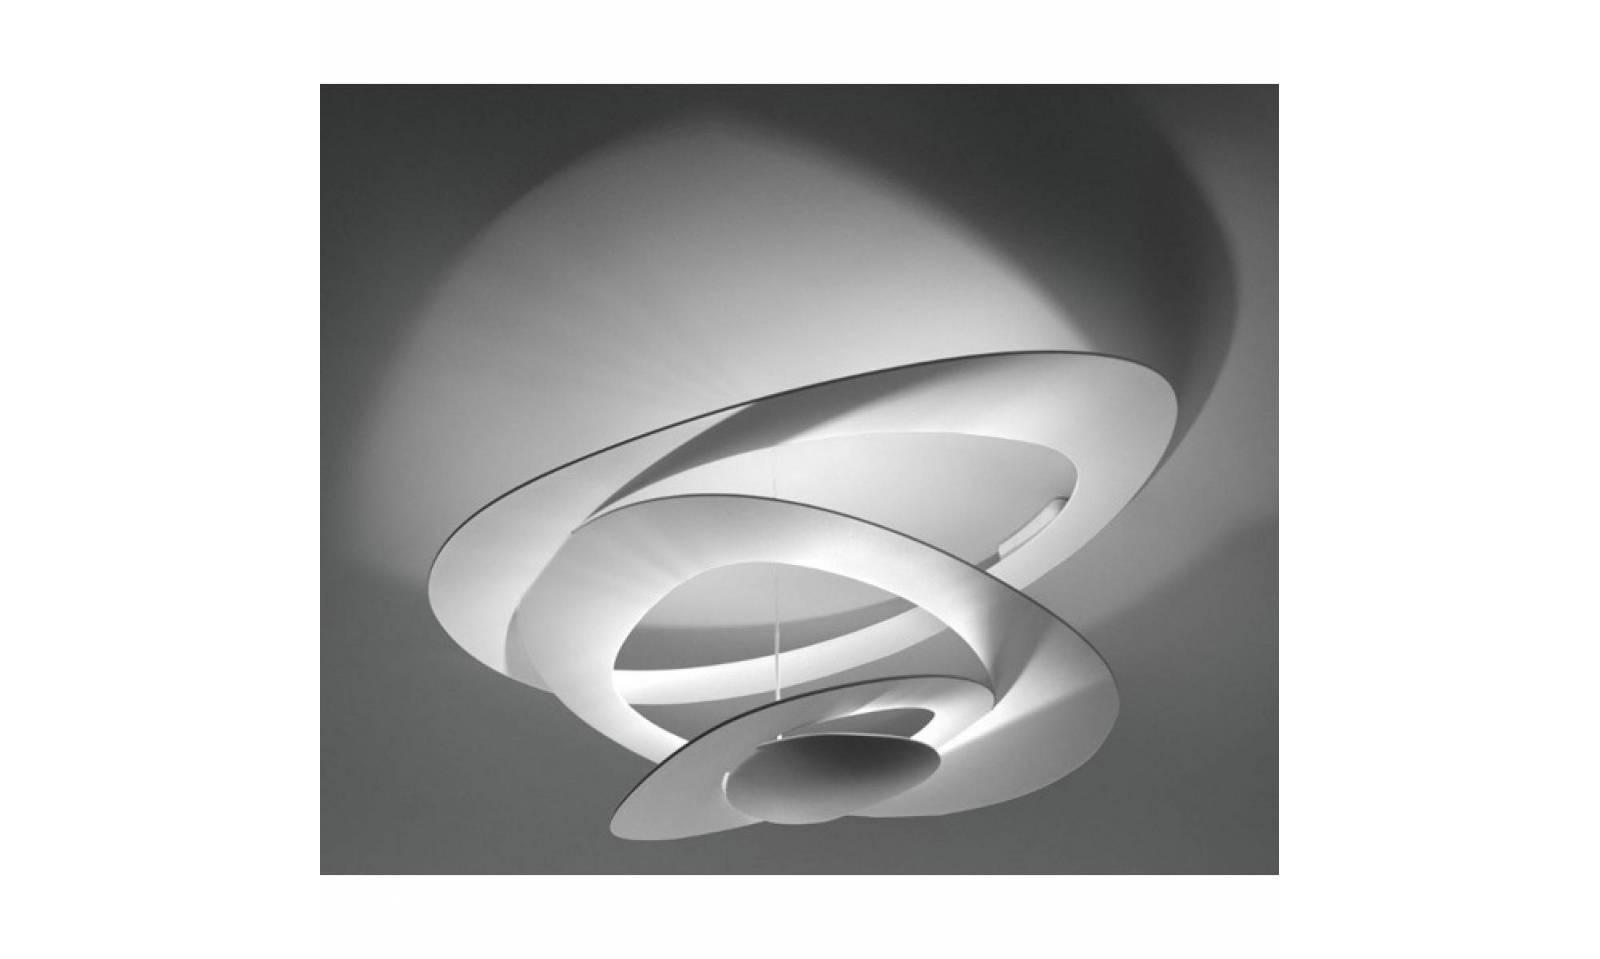 Lampada Led Da Soffitto : Artemide lampada da soffitto serie pirce led in alluminio verniciato